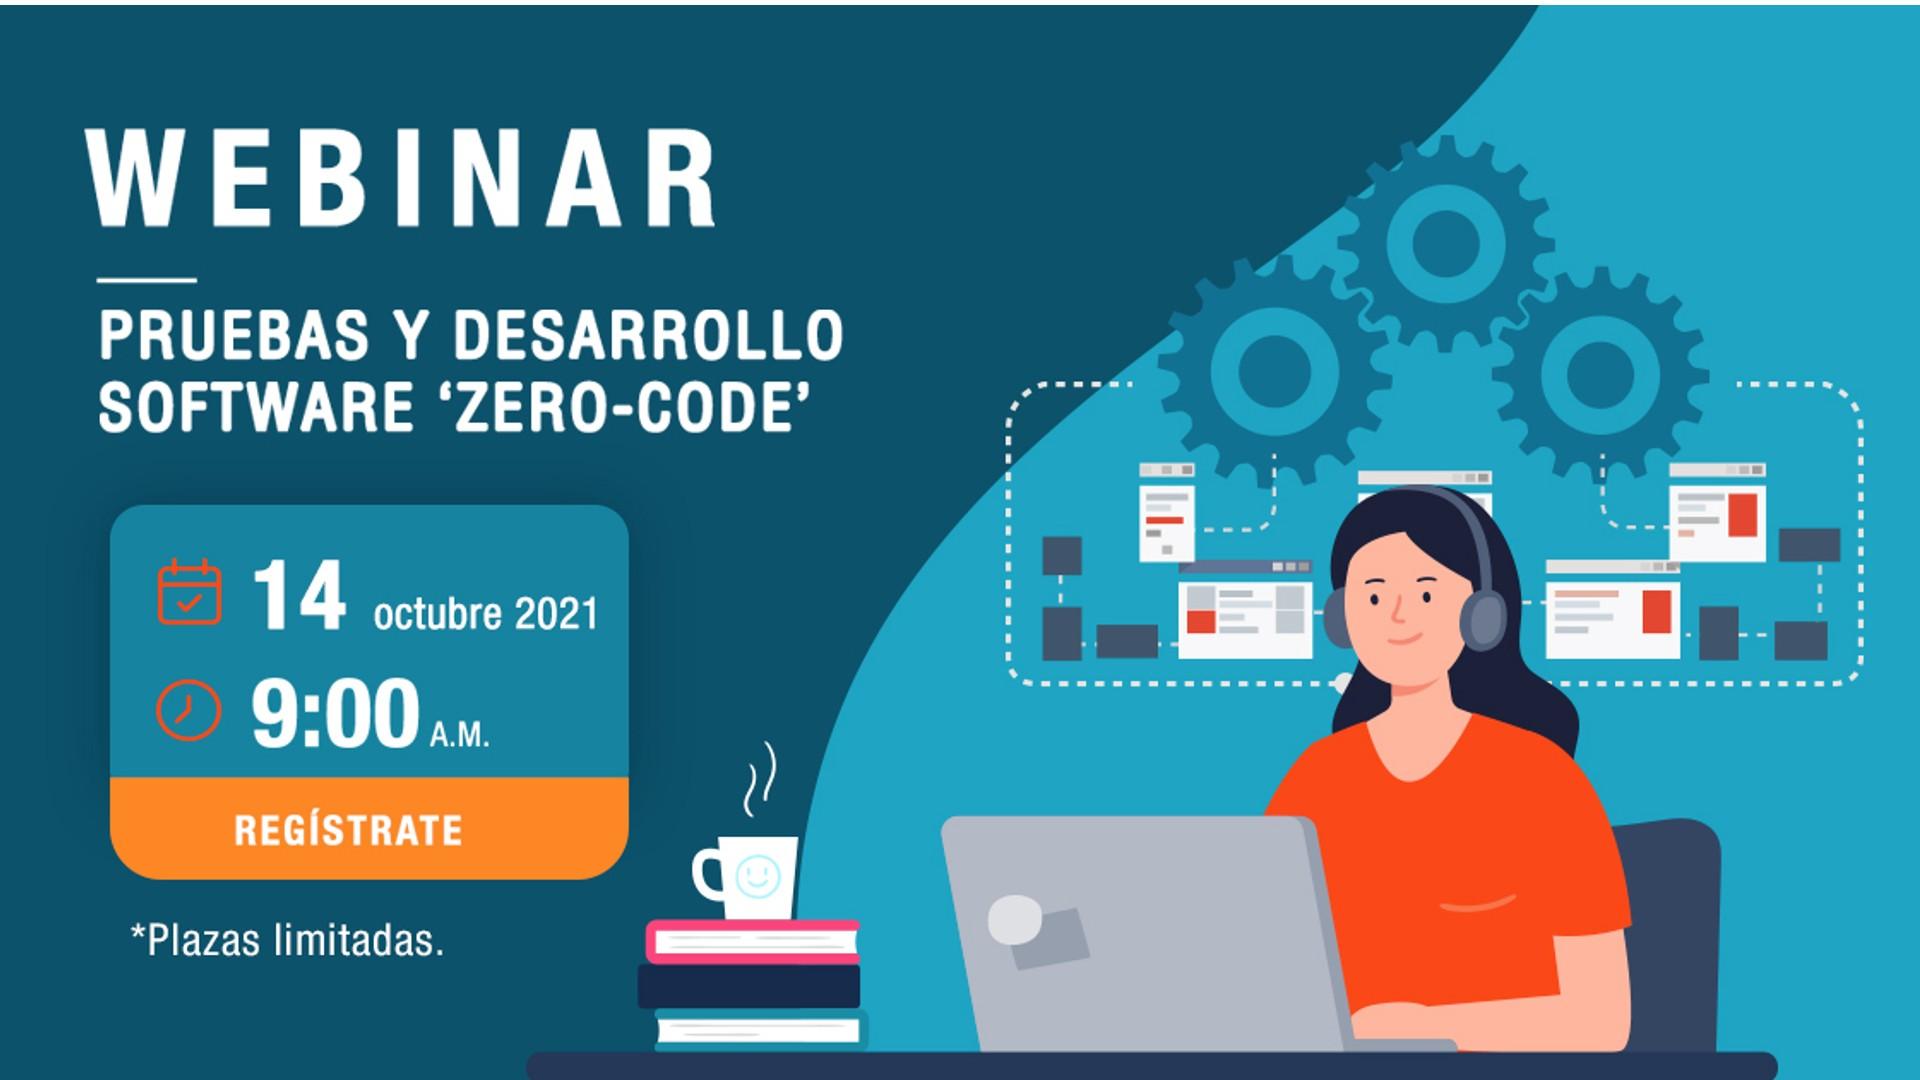 Nuevo Webinar 'Pruebas y desarrollo software Zero-Code', el próximo jueves 14